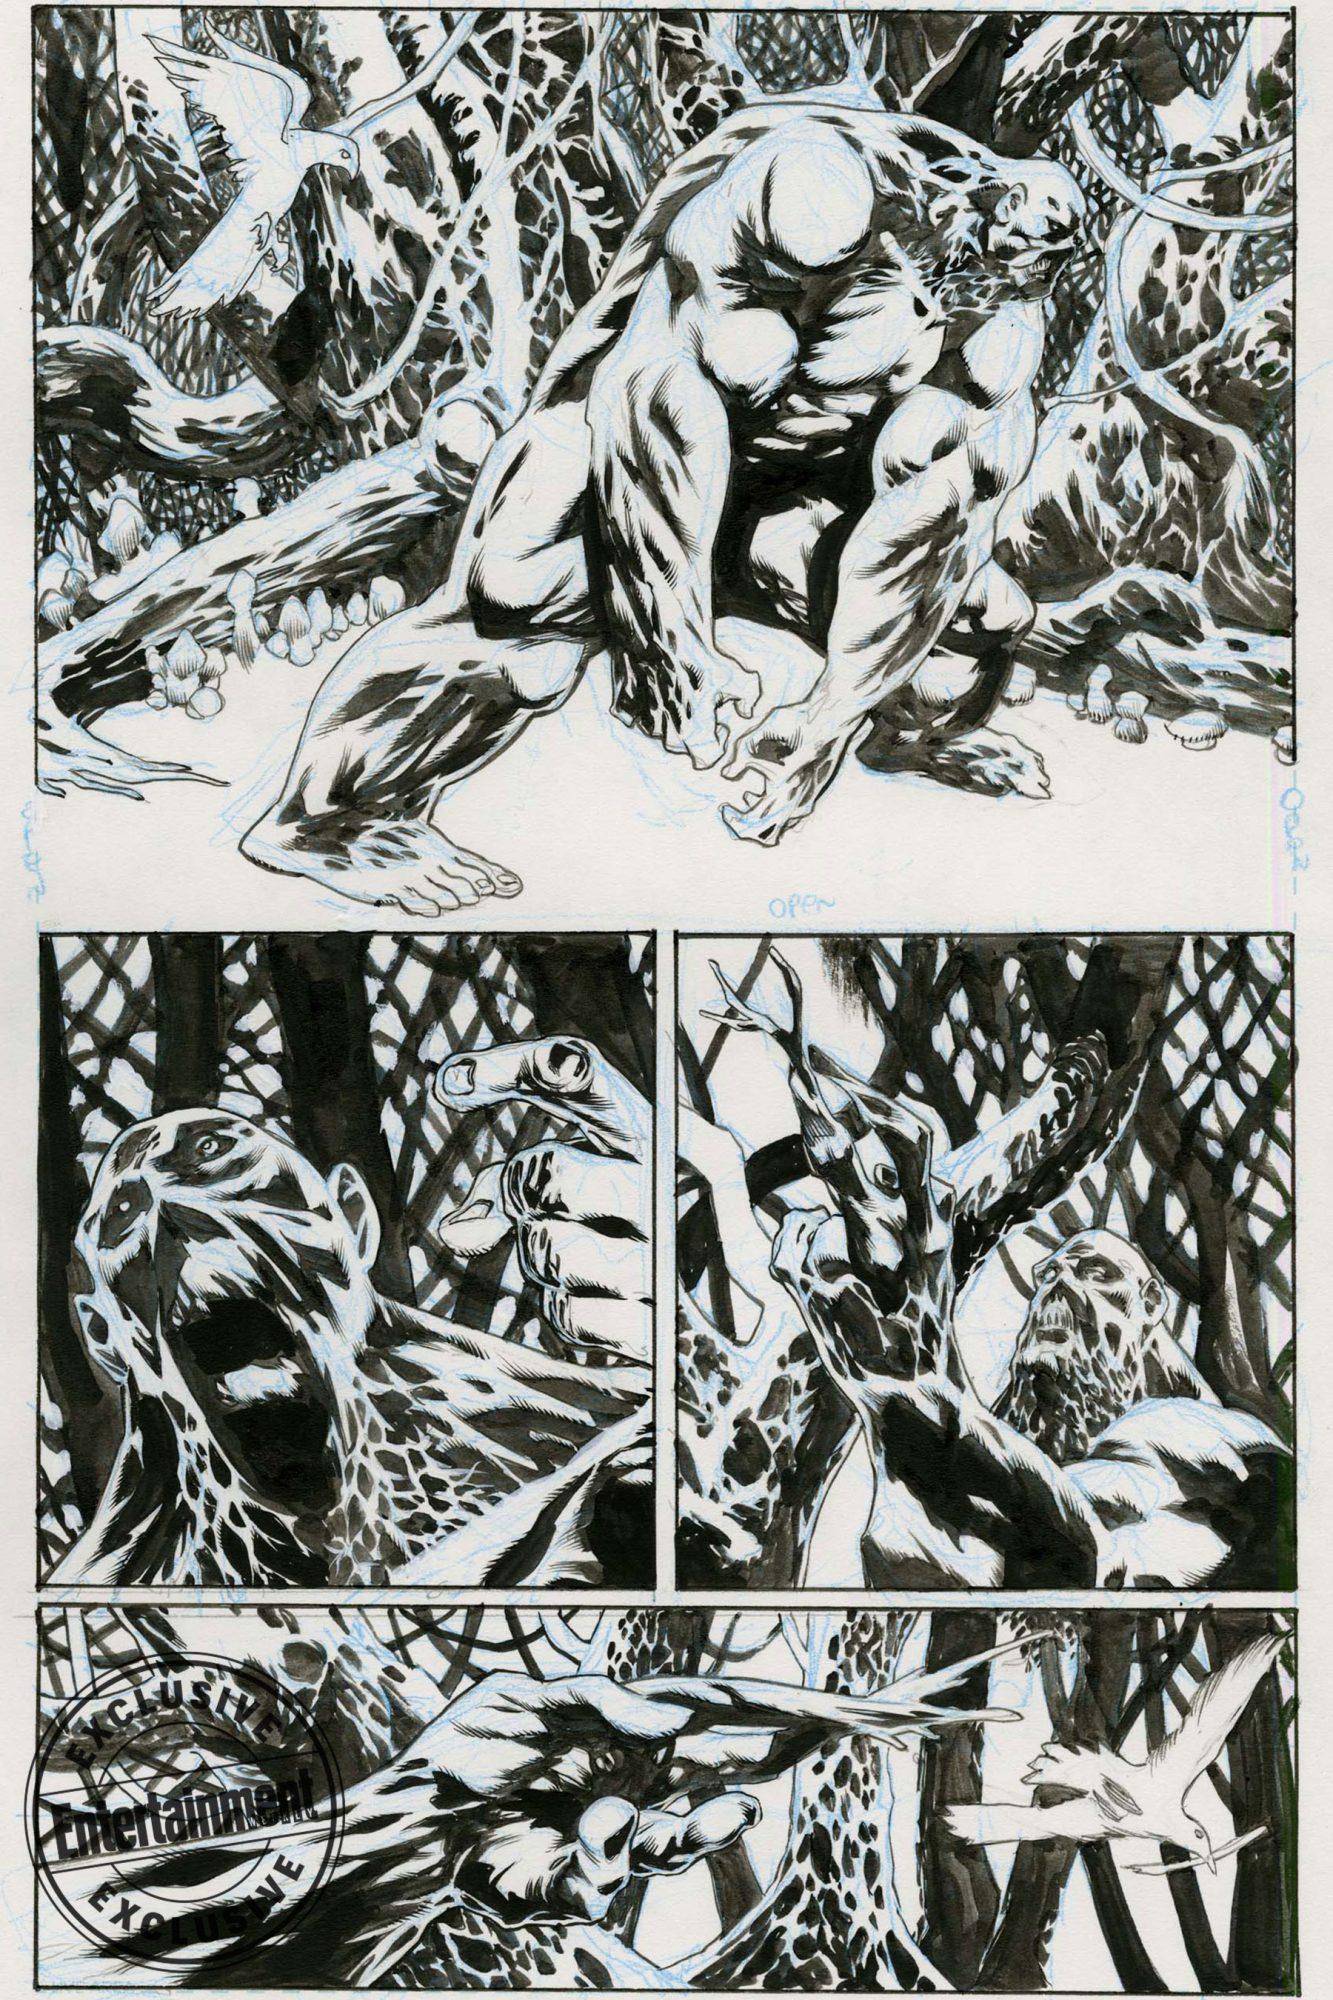 Kelley-Jones-Swamp-Thing-2-page-2